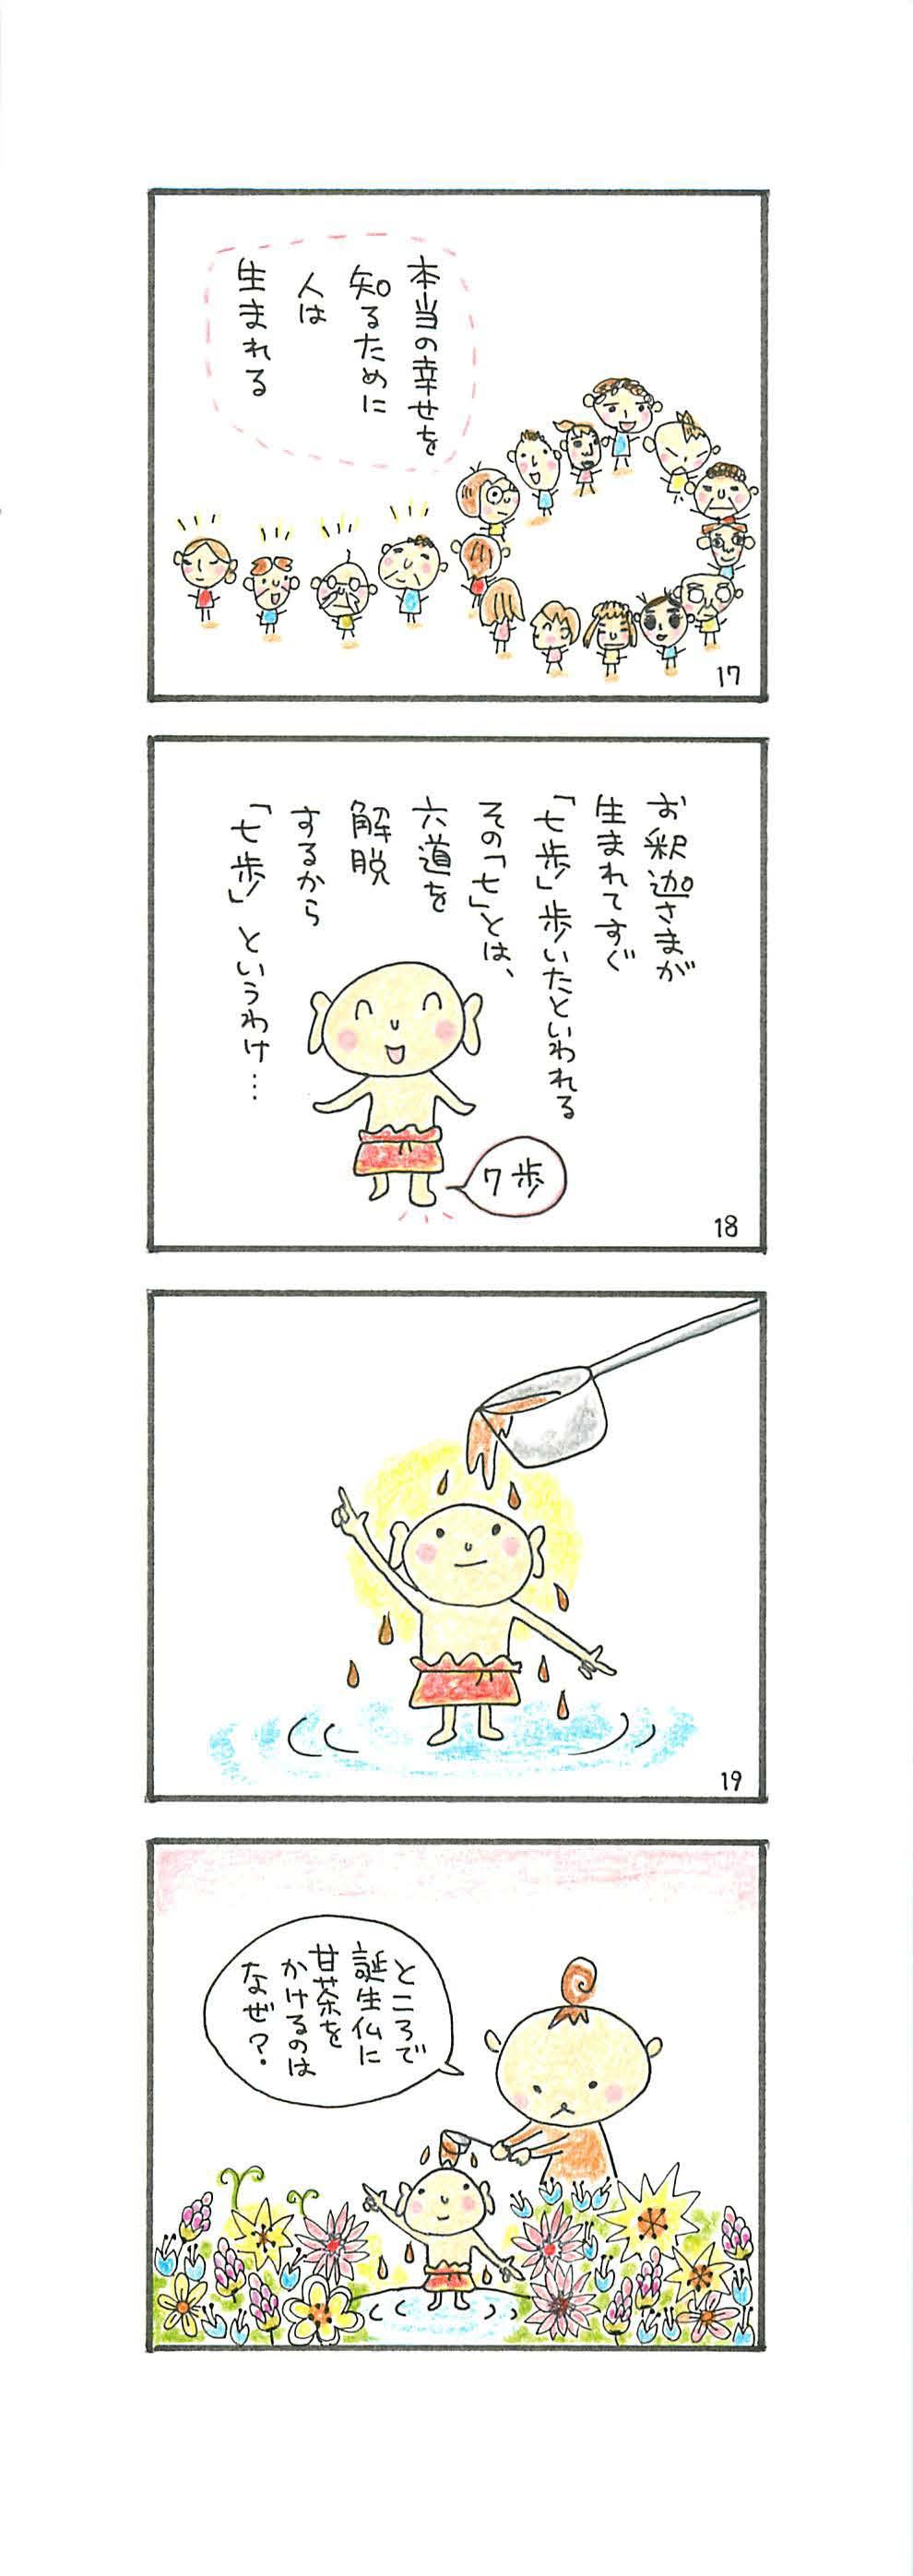 降誕会漫画薫明花まつり_ページ_5